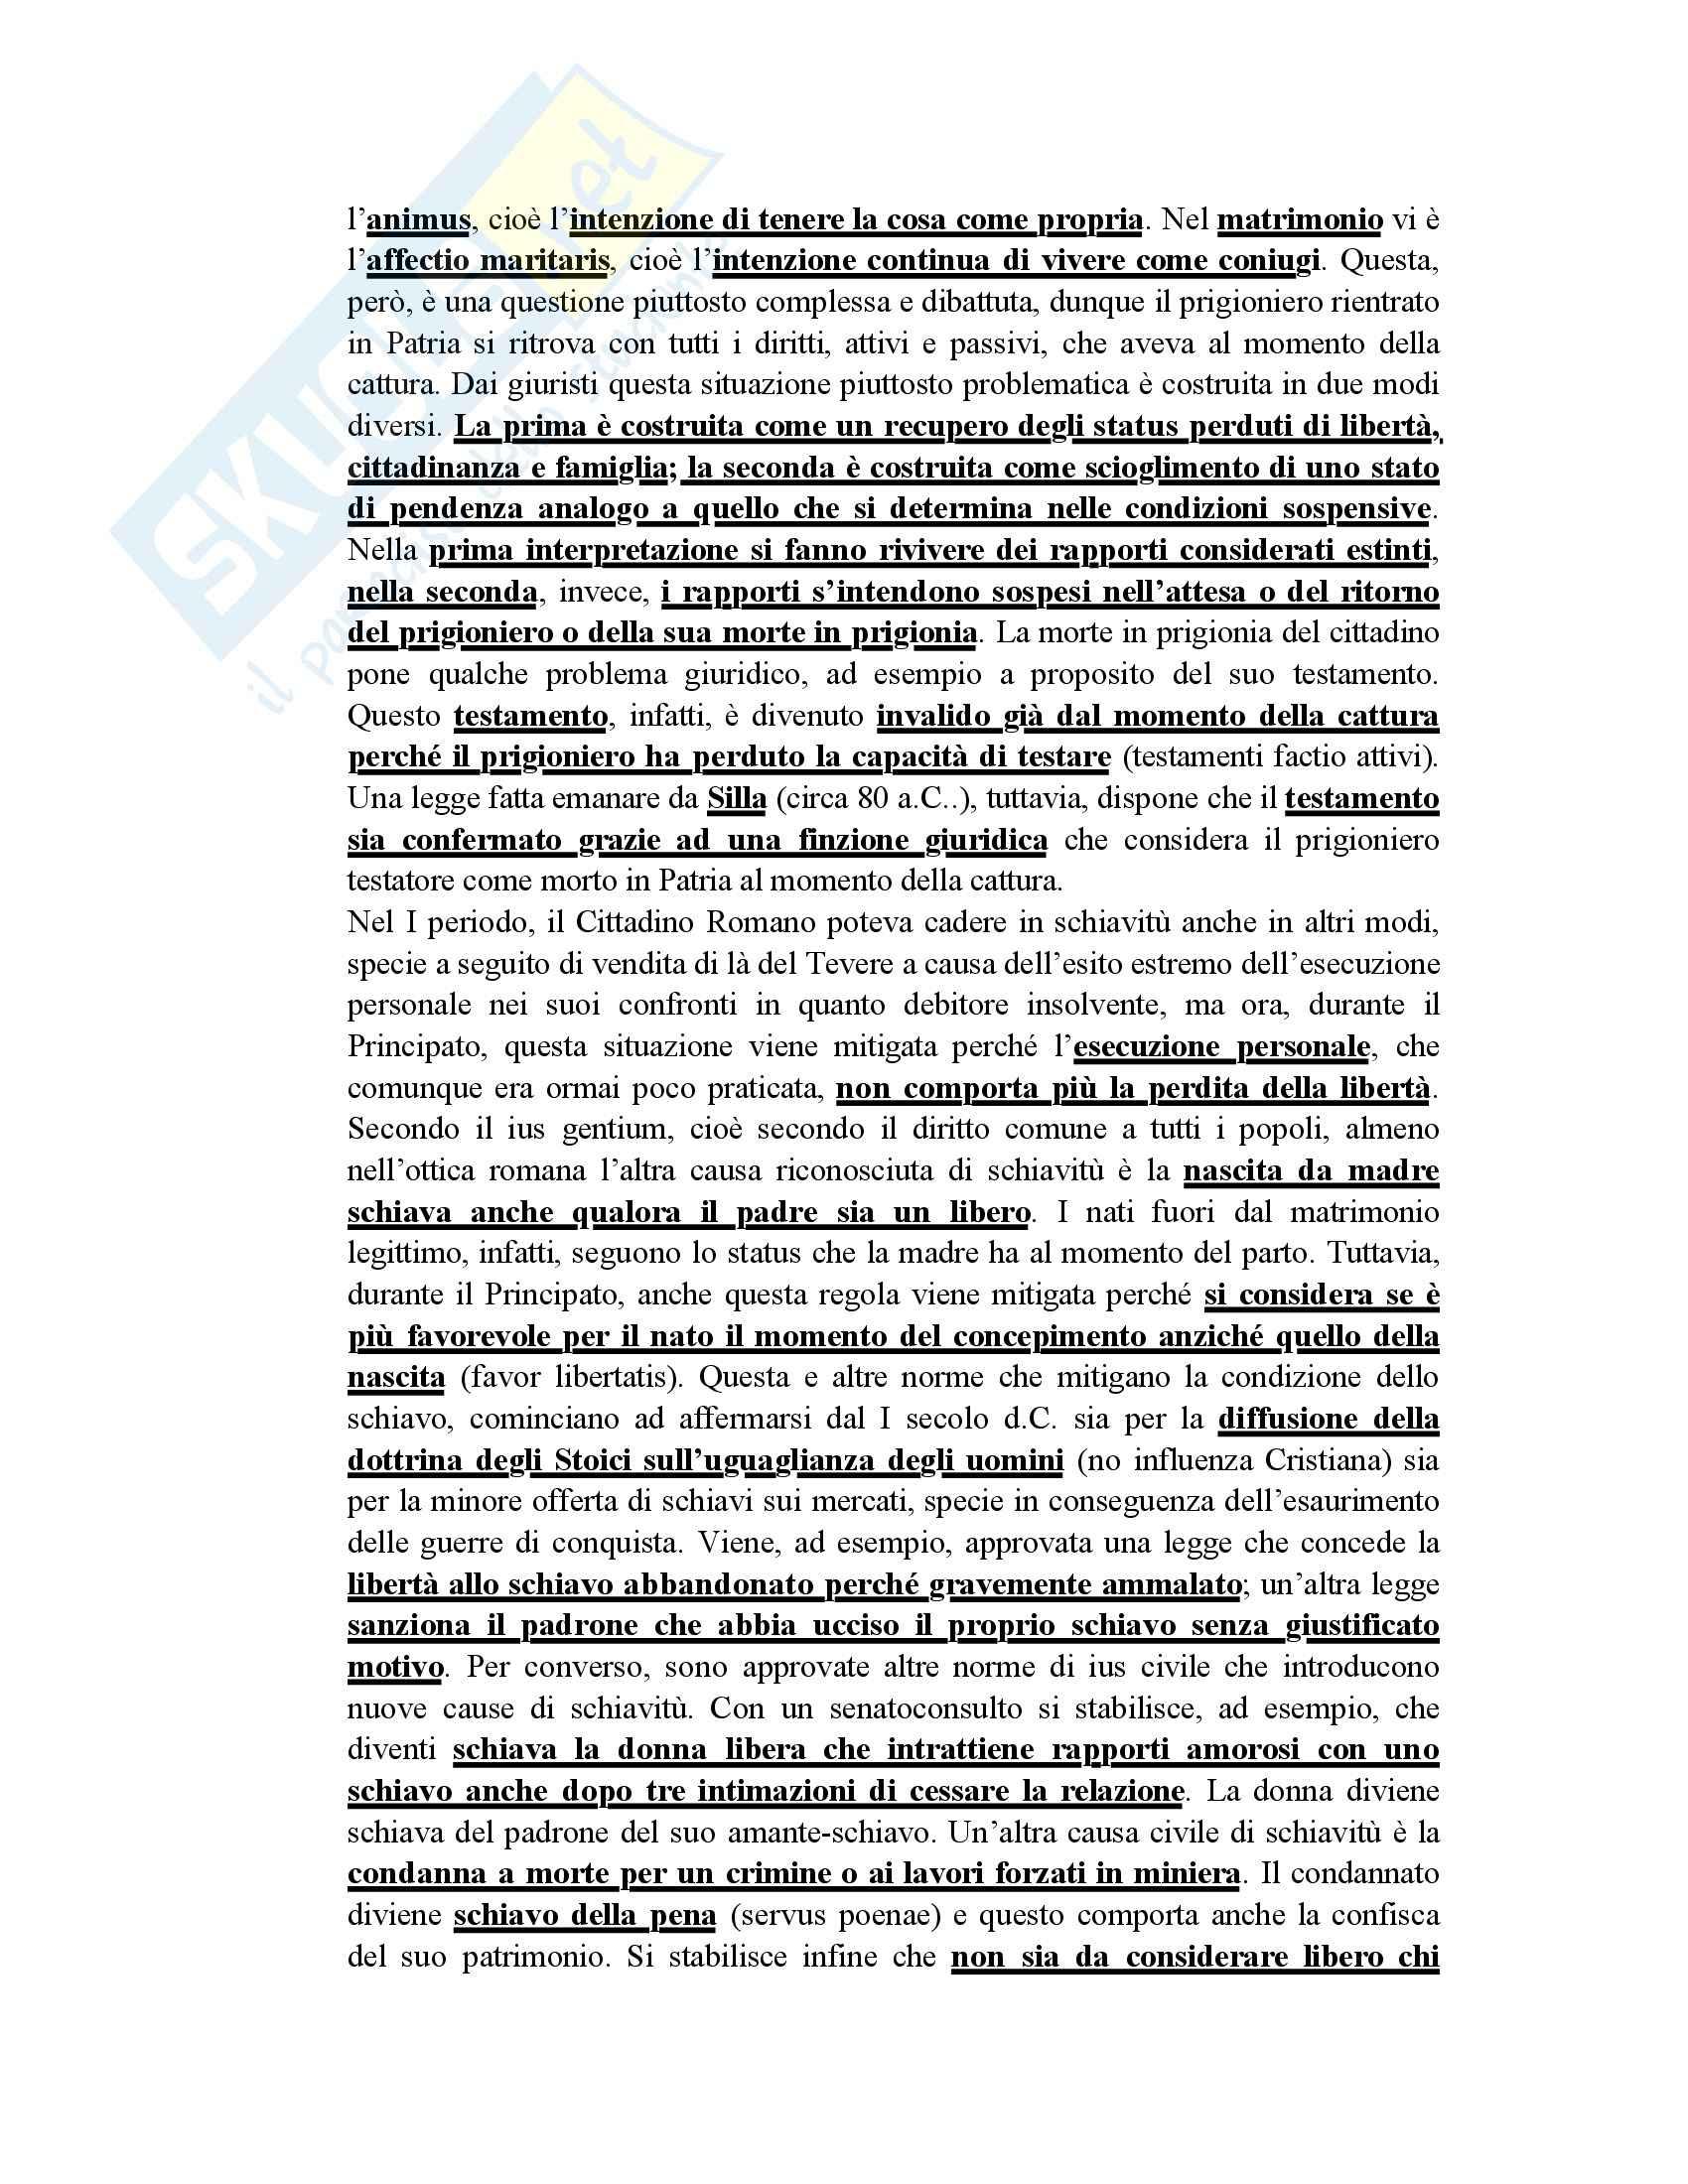 Diritto romano - Appunti dal Talamanca Pag. 6